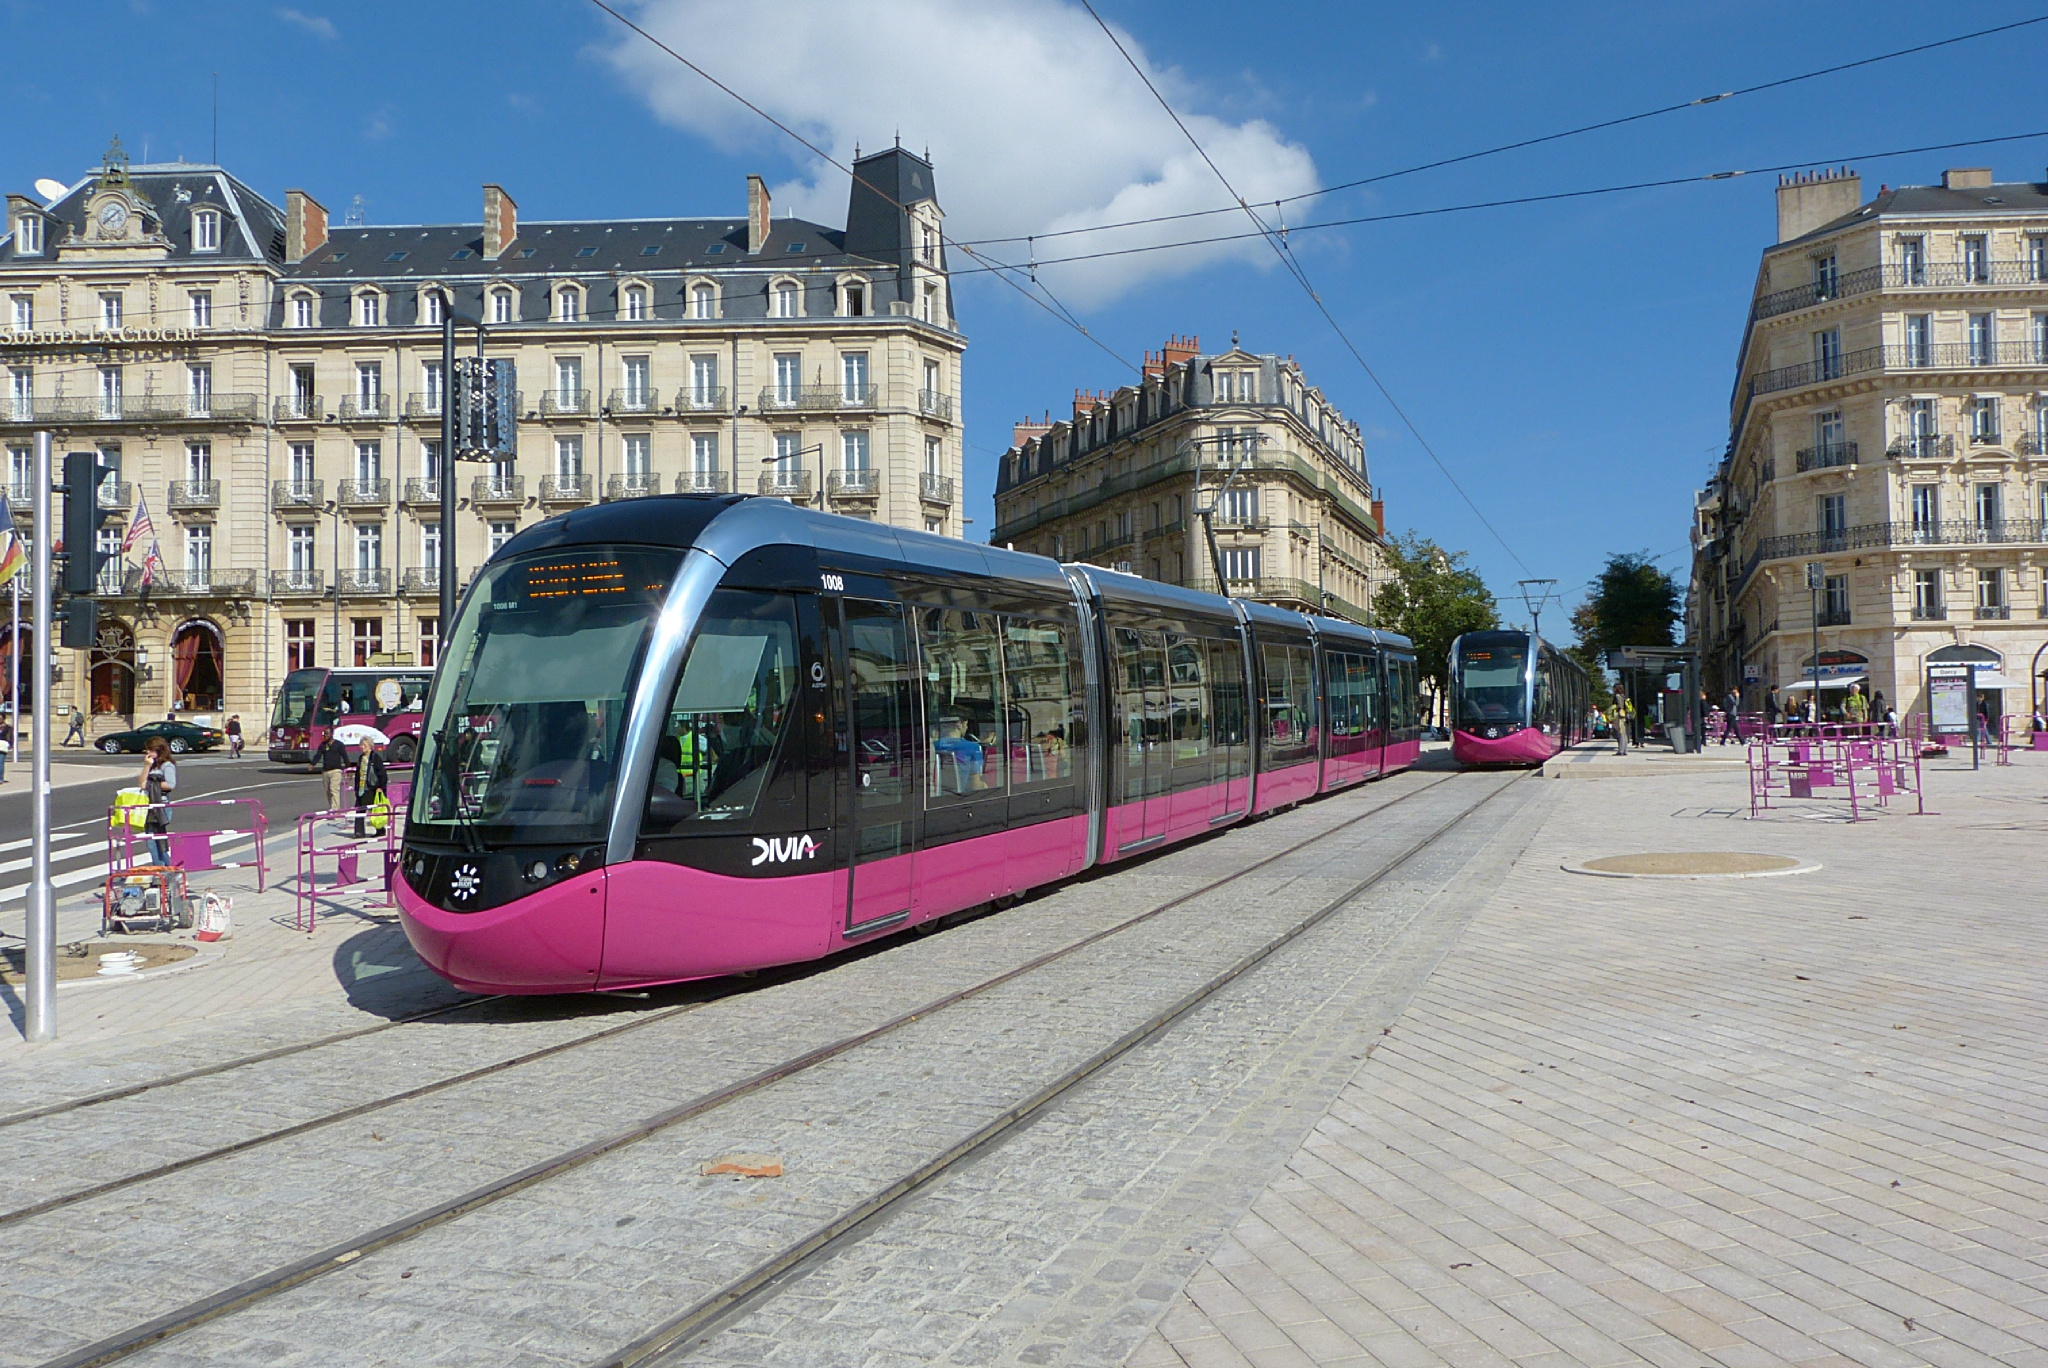 À Dijon, la carte bancaire devient un ticket de transport ! Par Thomas Ducres  89952567_o